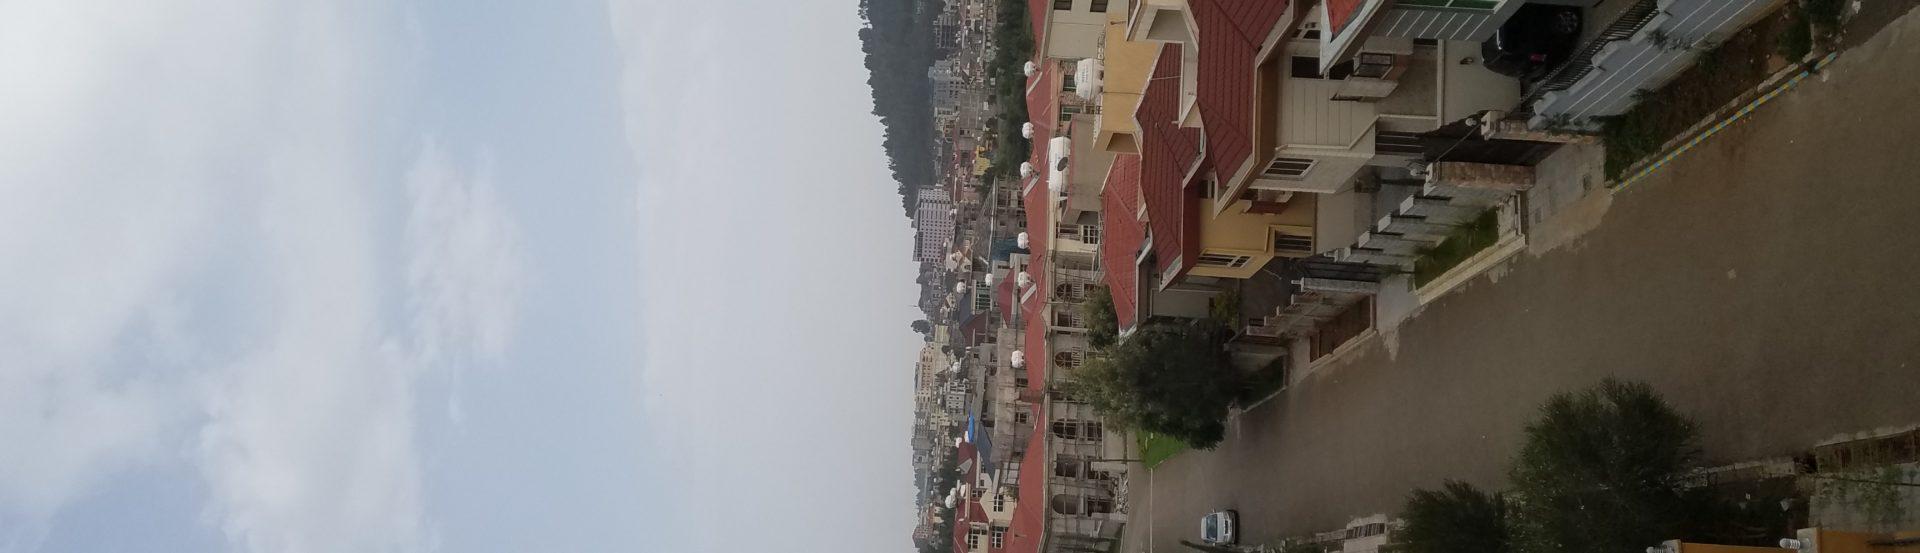 En Afrique la ville est fabriquée en permanence par la planification et par l'informel.